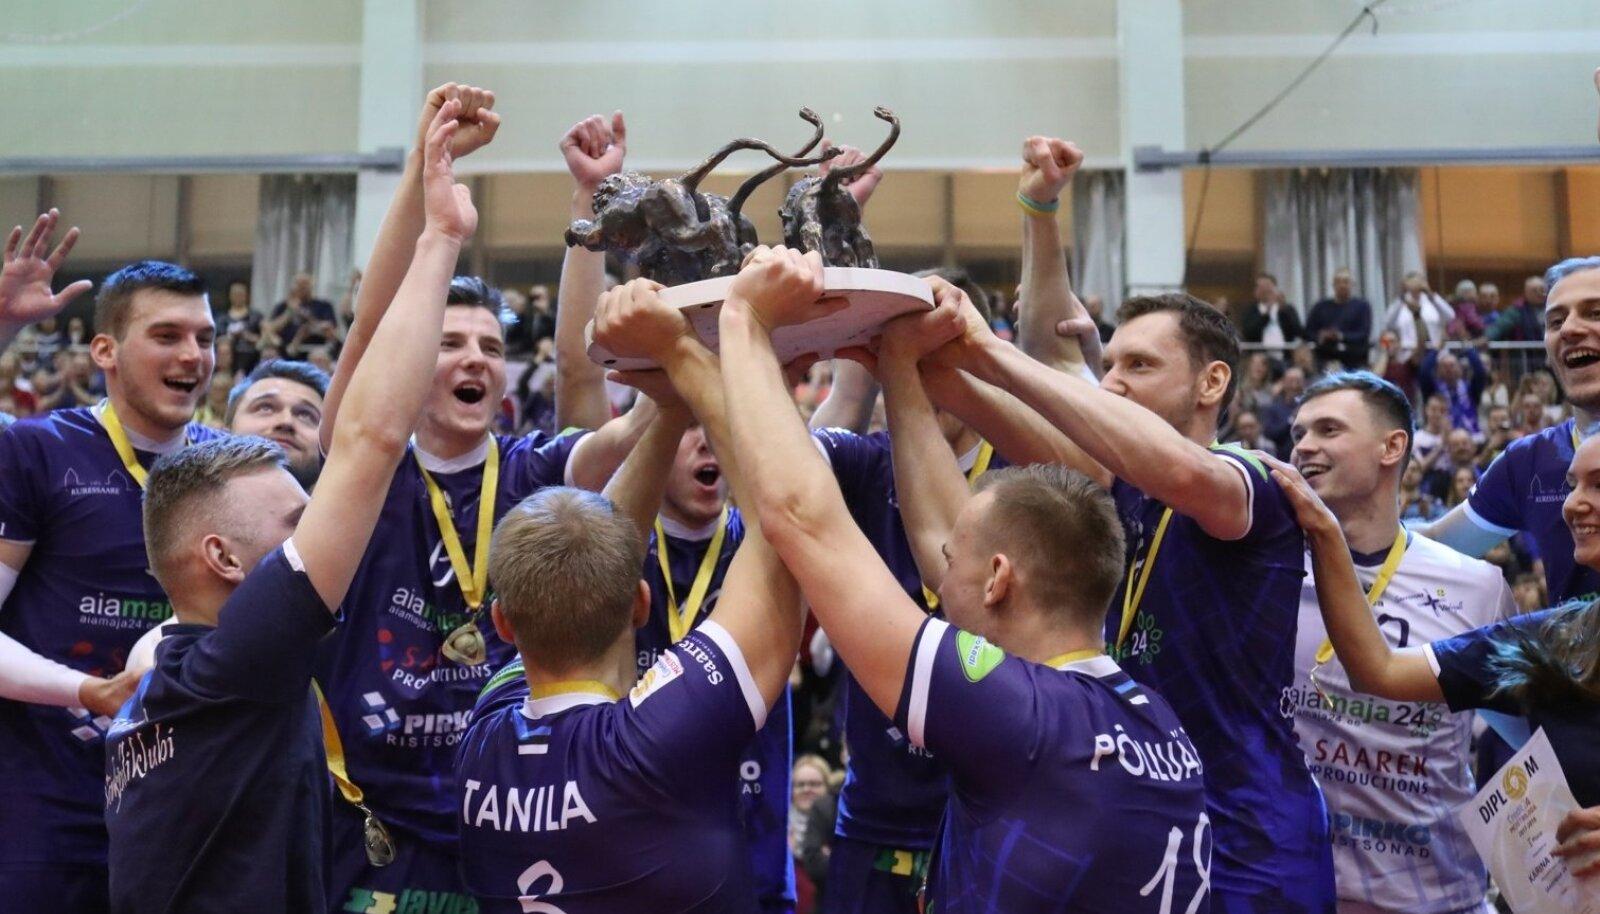 Käes! Saaremaa meeskond sai pärast finaalivõitu pea kohale tõsta Credit24 Balti liiga lõvitrofee.